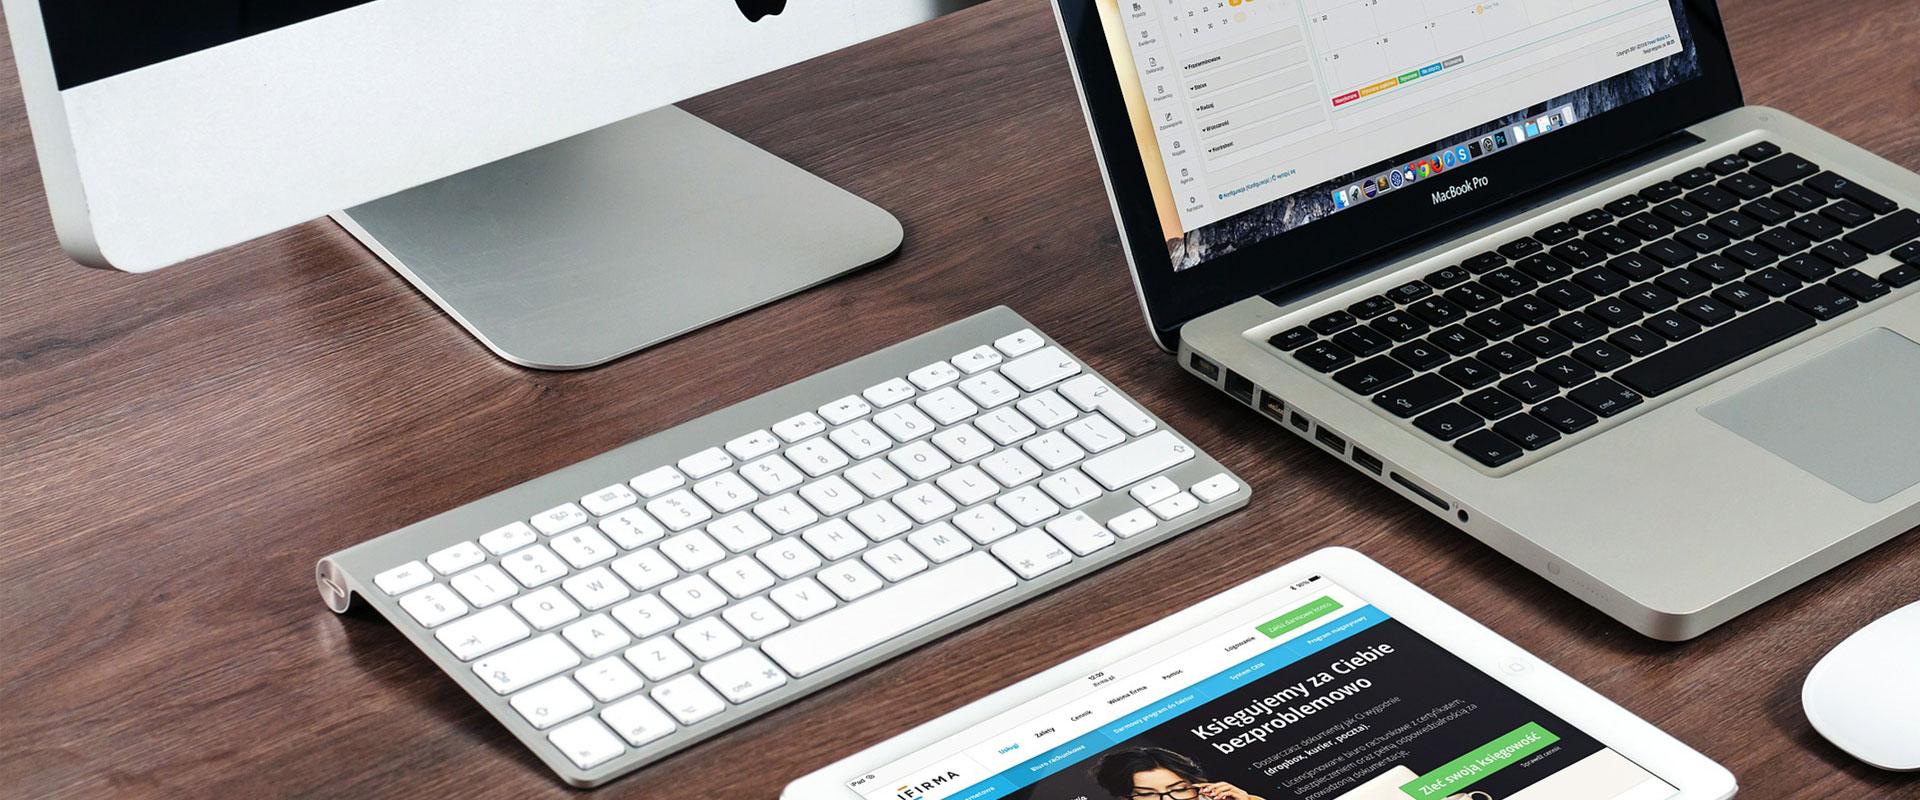 Construir un sitio web profesional